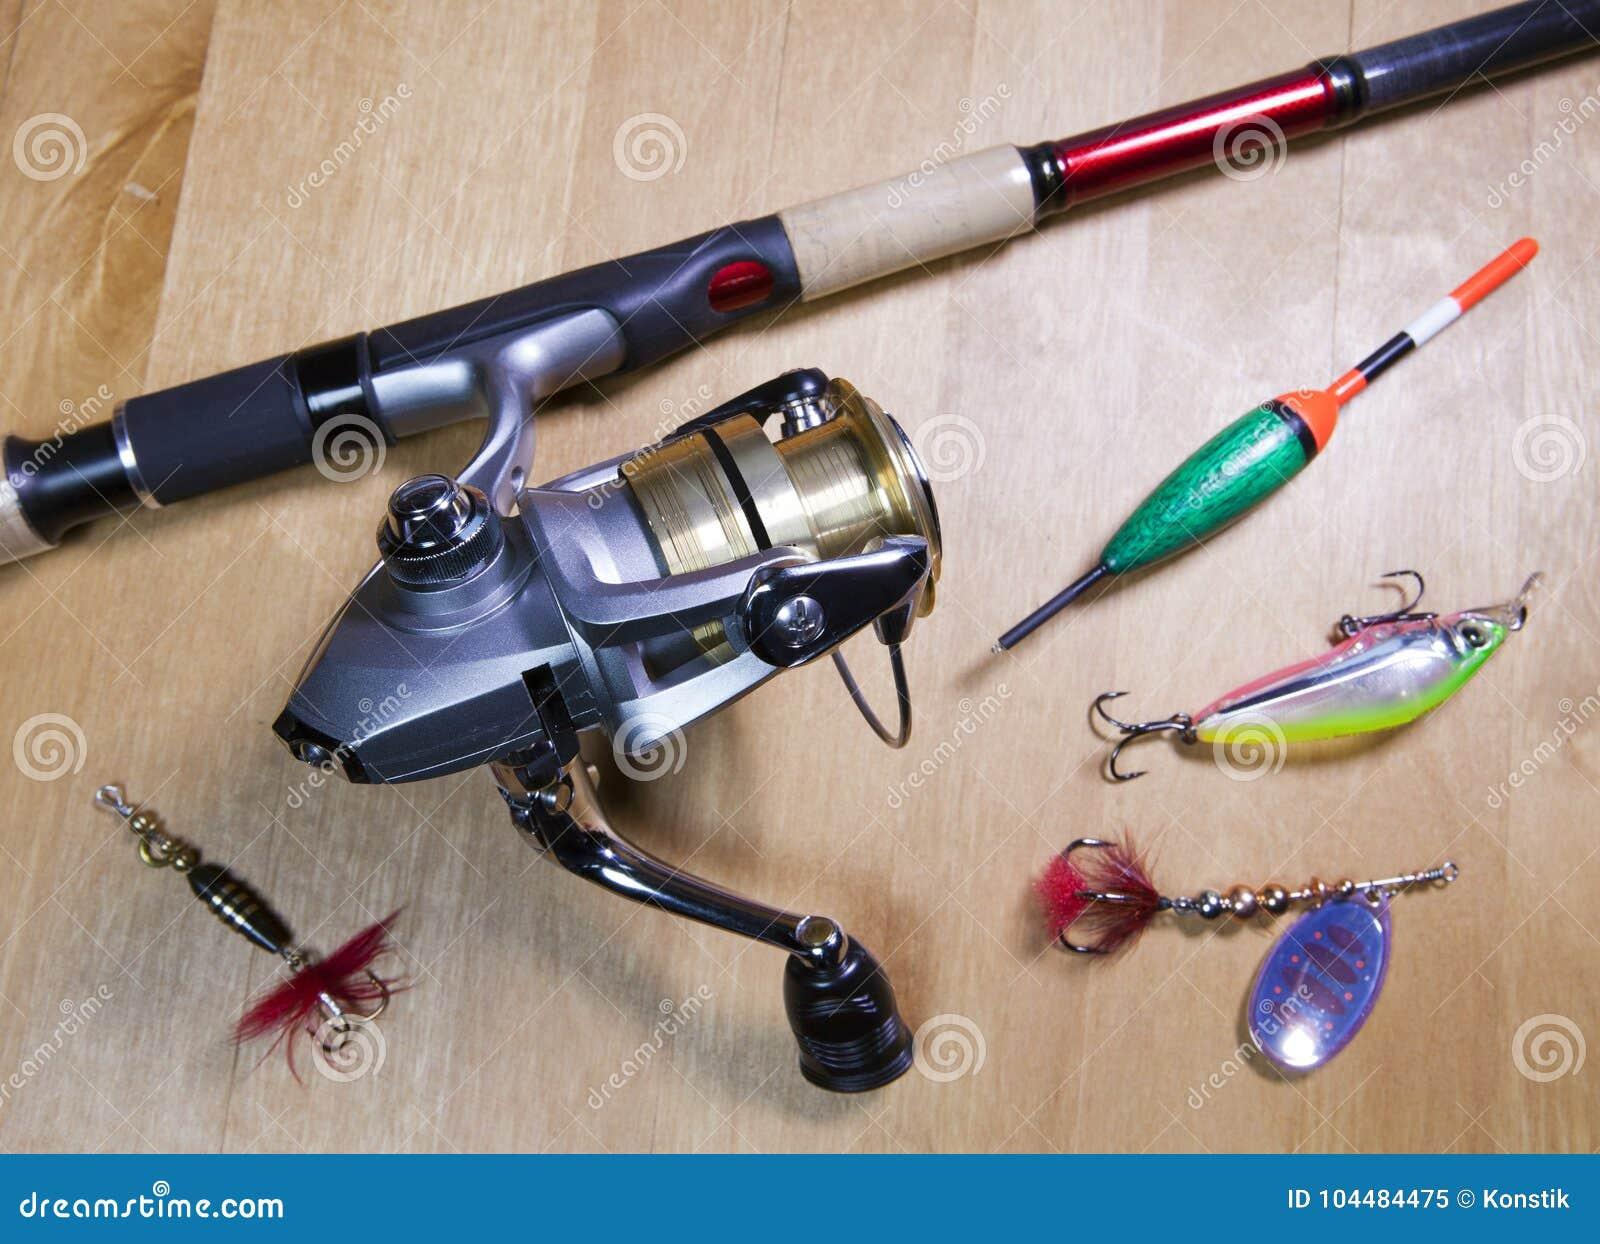 Articles de pêche, bobine, flotteur et amorces sur un fond en bois